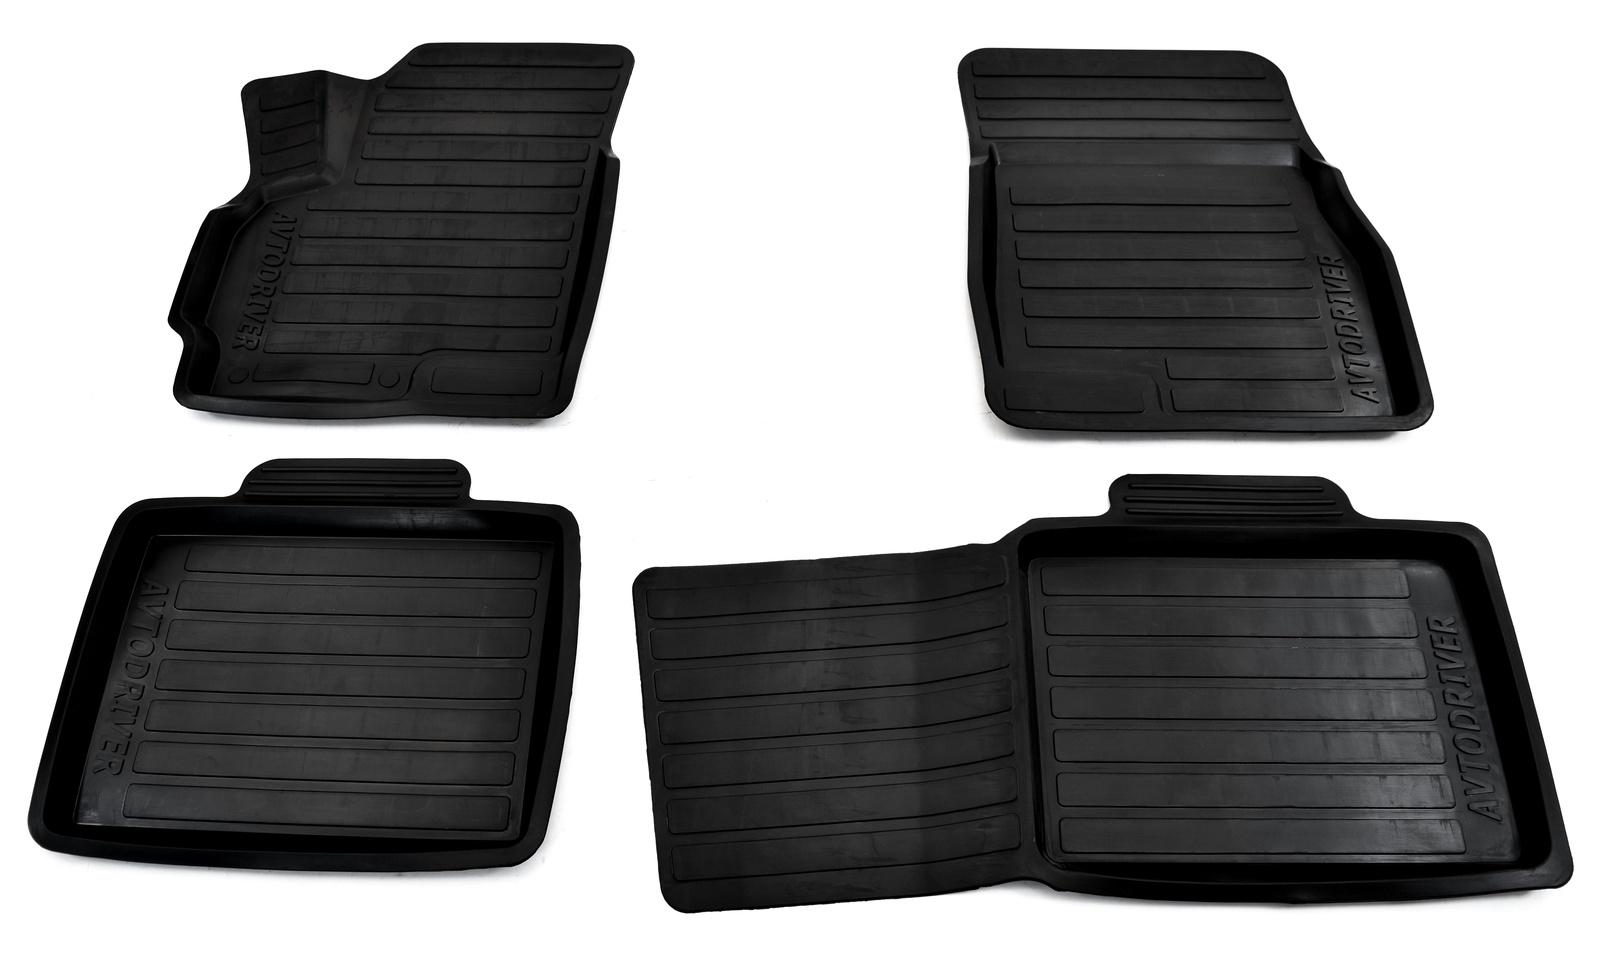 Коврики в салон автомобиля Avtodriver резиновые с бортиком для Chery Tiggo 5 (2015-), ADRAVG026, черный ковры в салон элерон chery tiggo 5 t21 2014 салон 3d